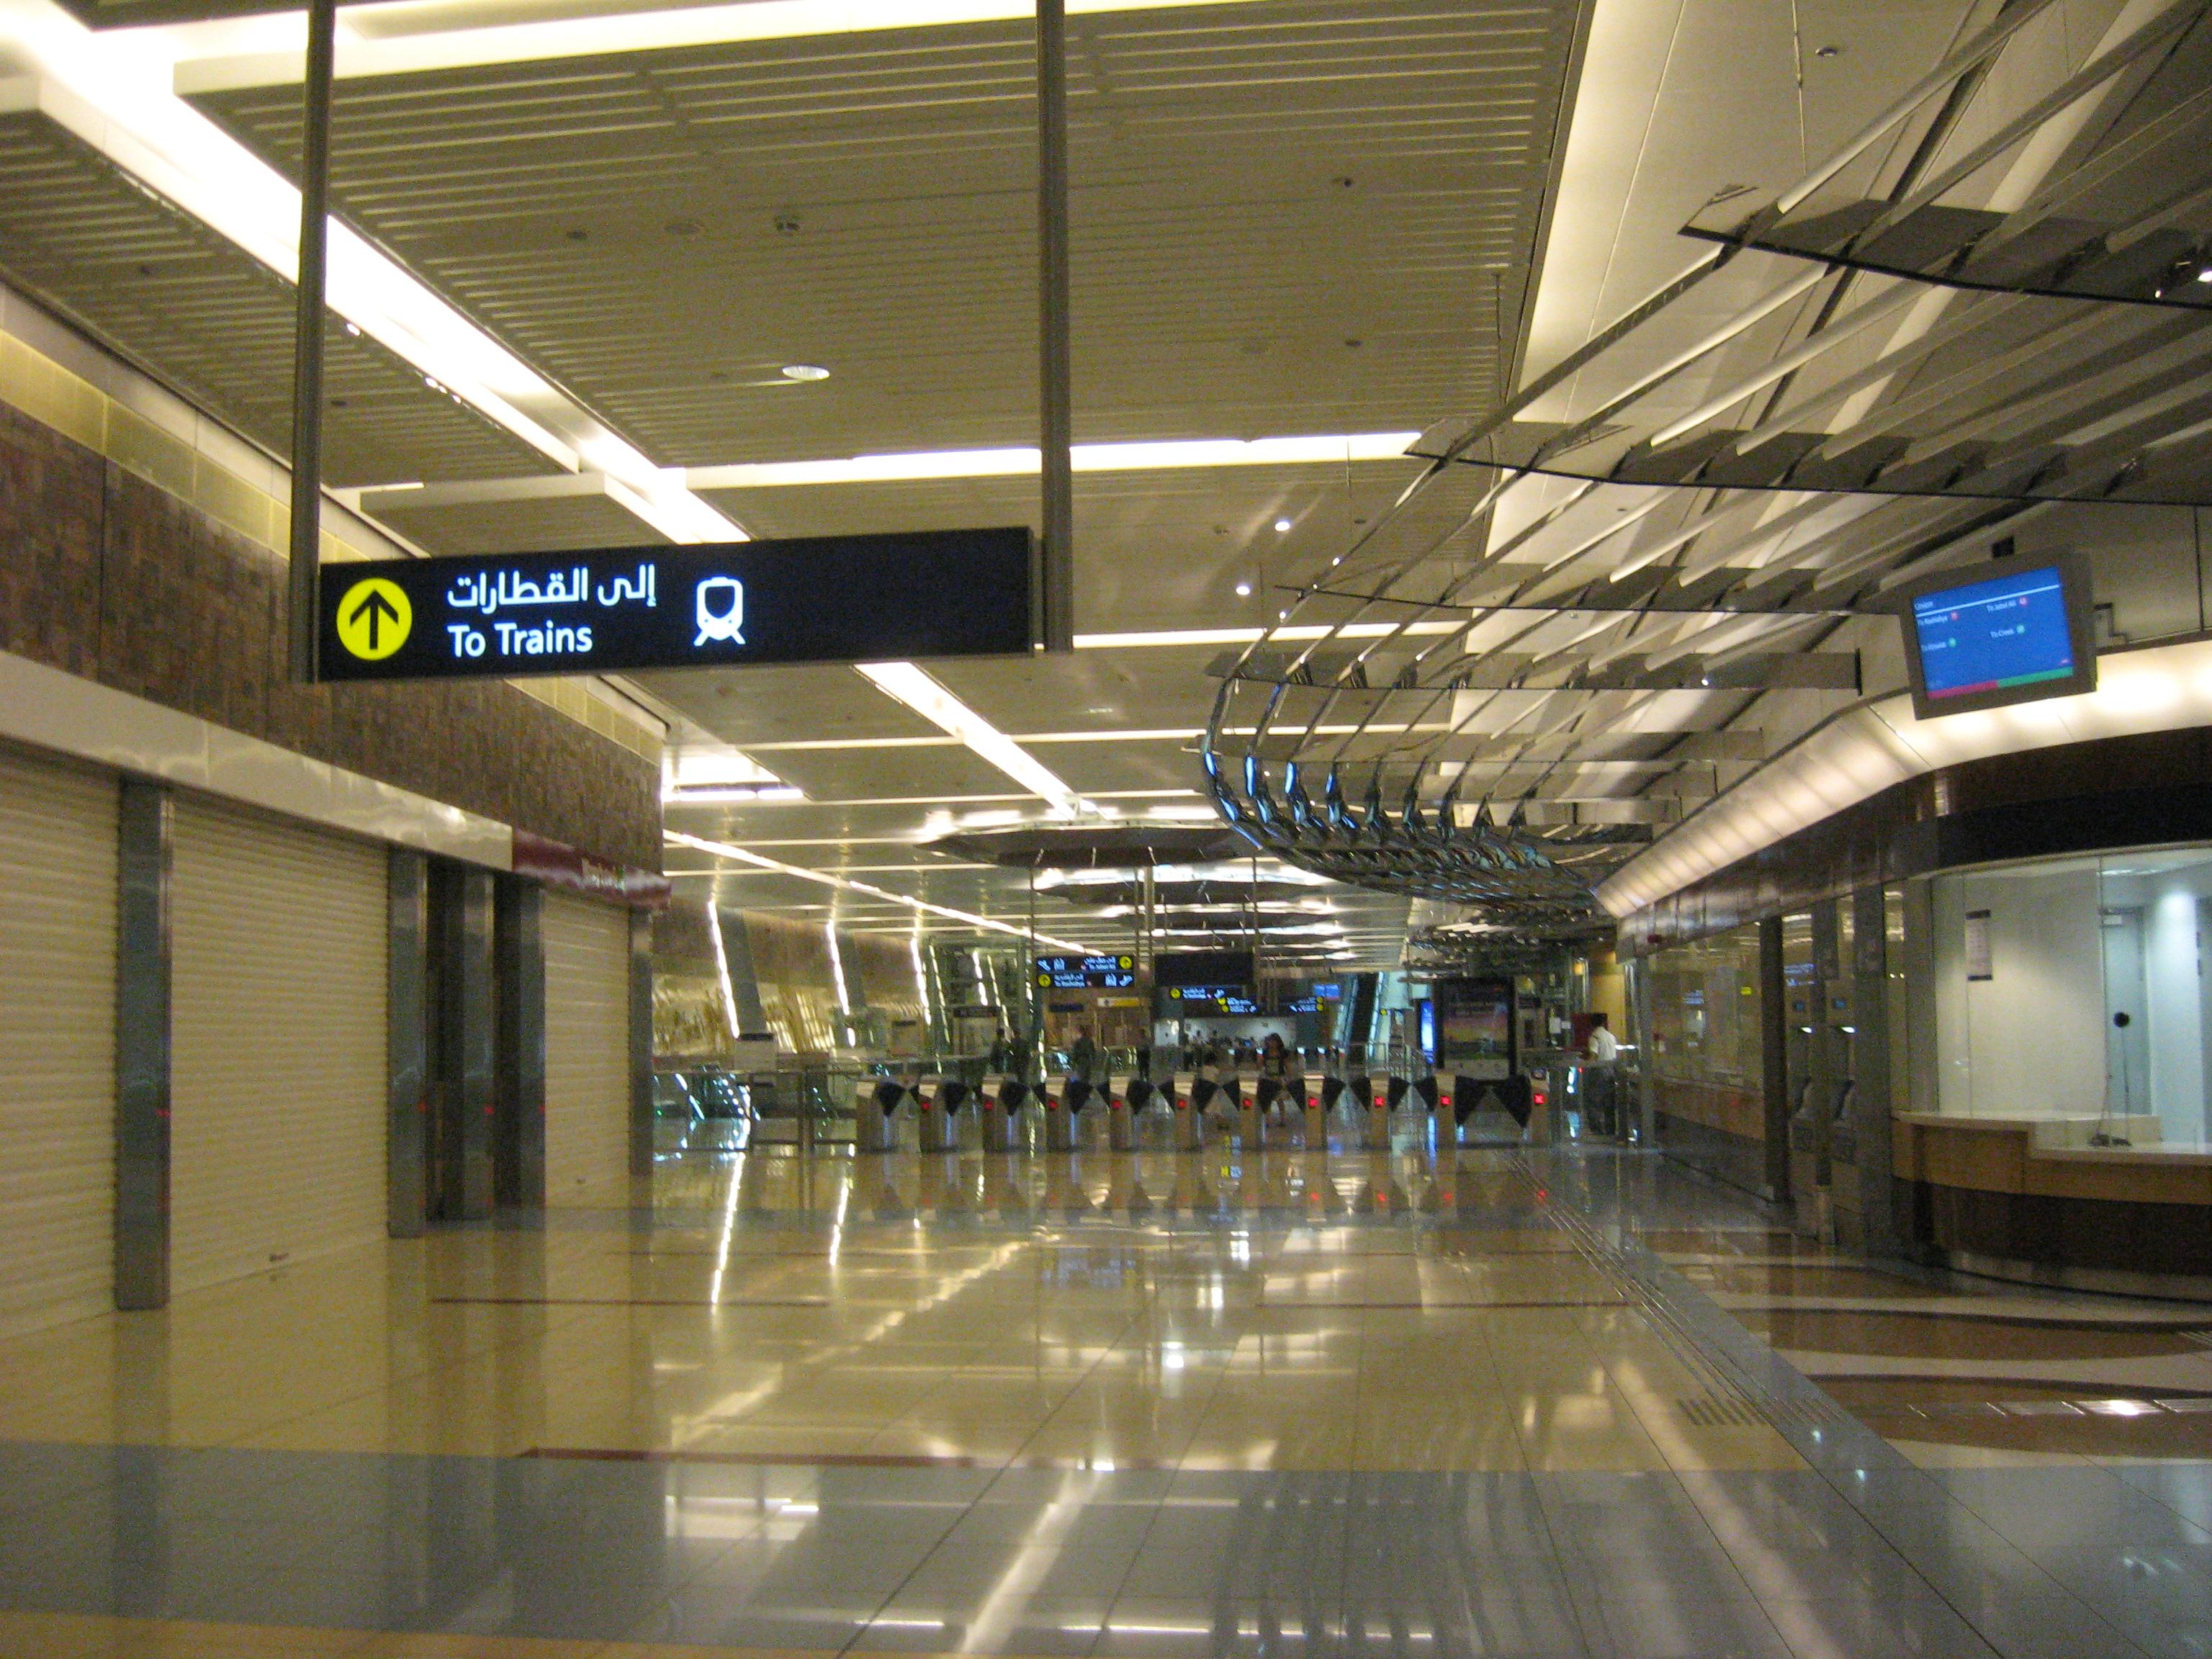 مترو دبى - dubai metro (62)